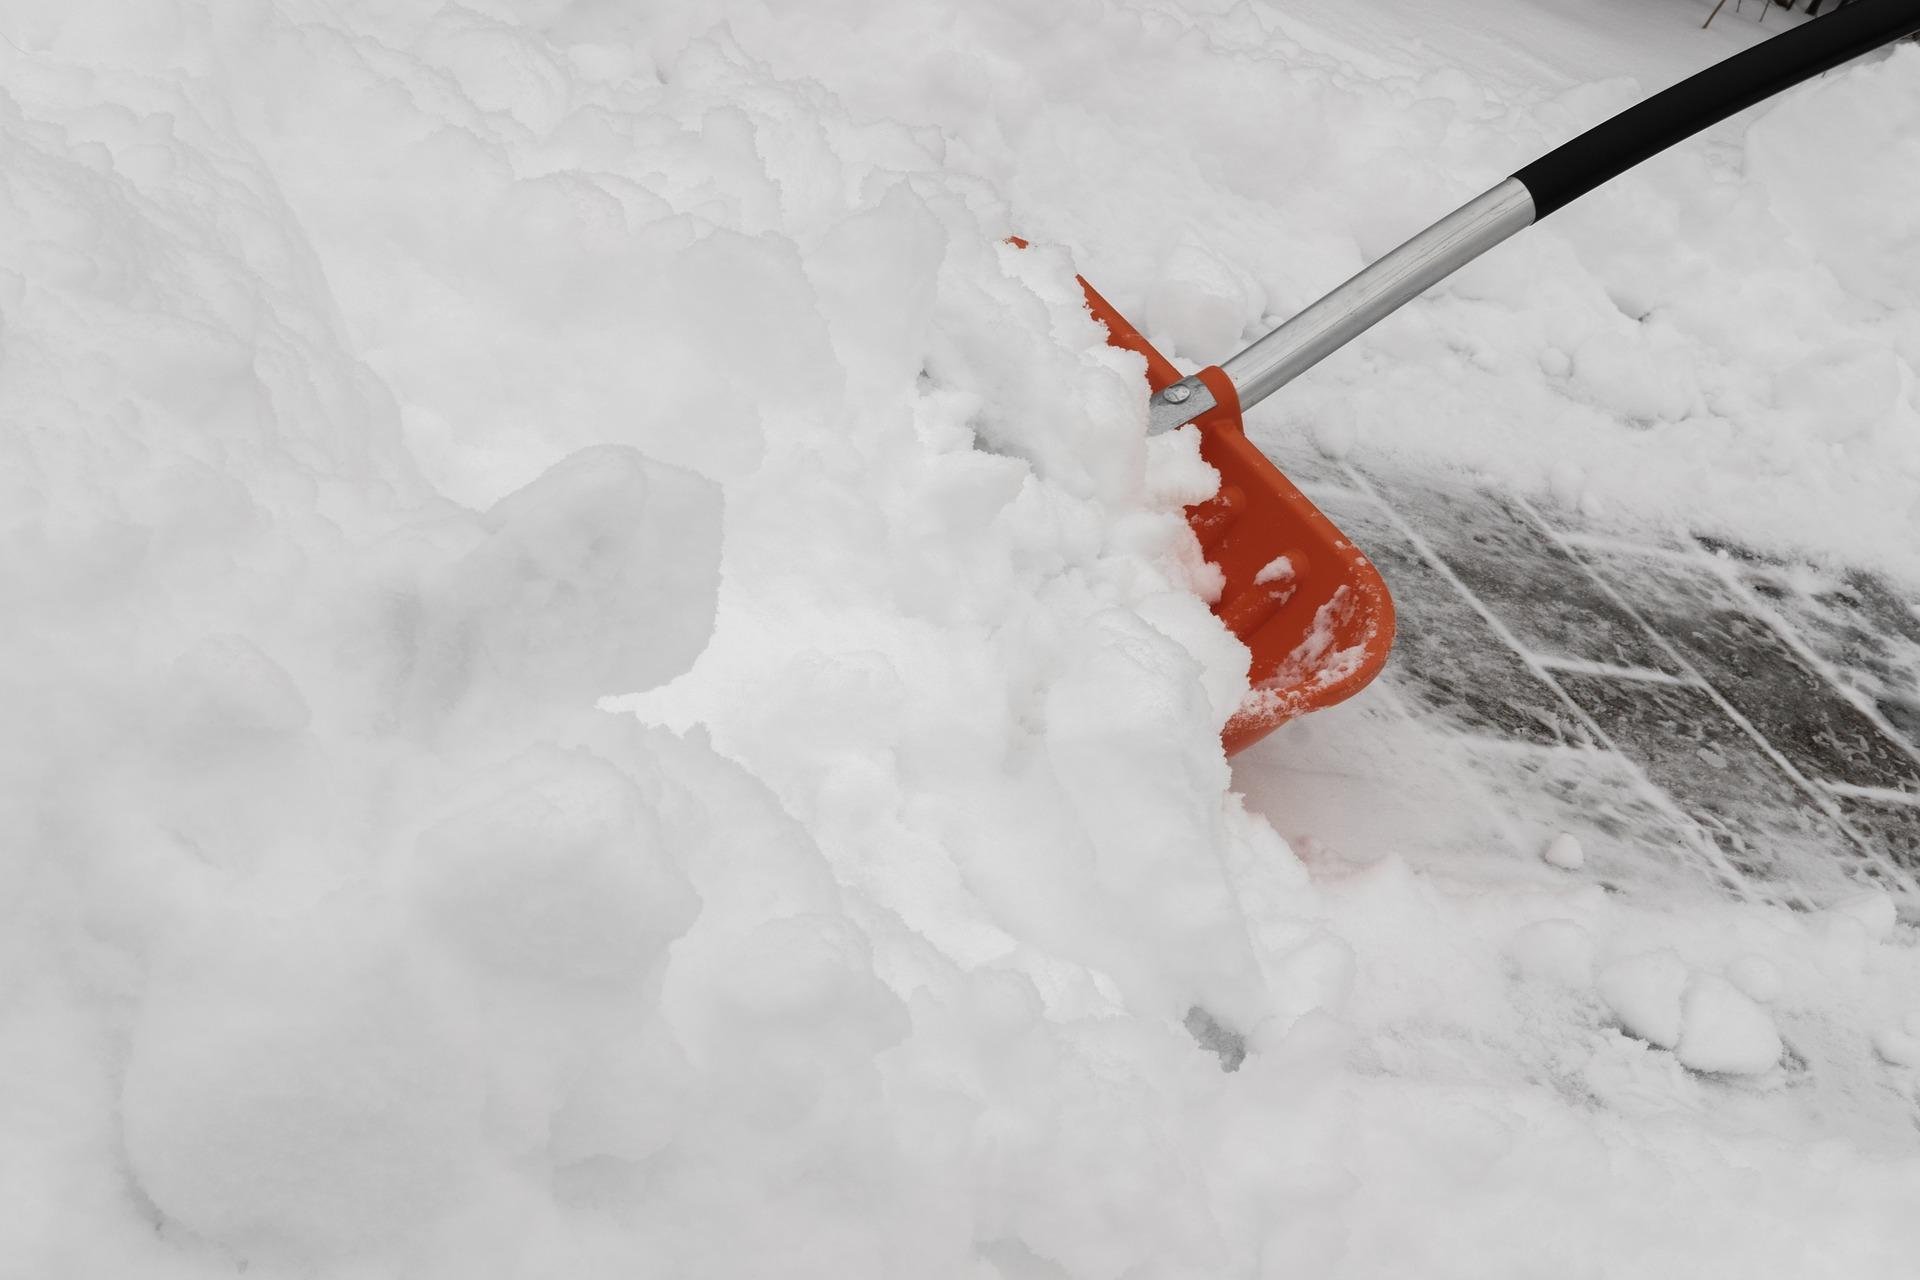 Winterdienst, Winterdienst Dortund,Haga-Serivce Winterdienst,Haga-Serivce-Urbaniak,Schnee,Schneeschaufel,Schneeräumung